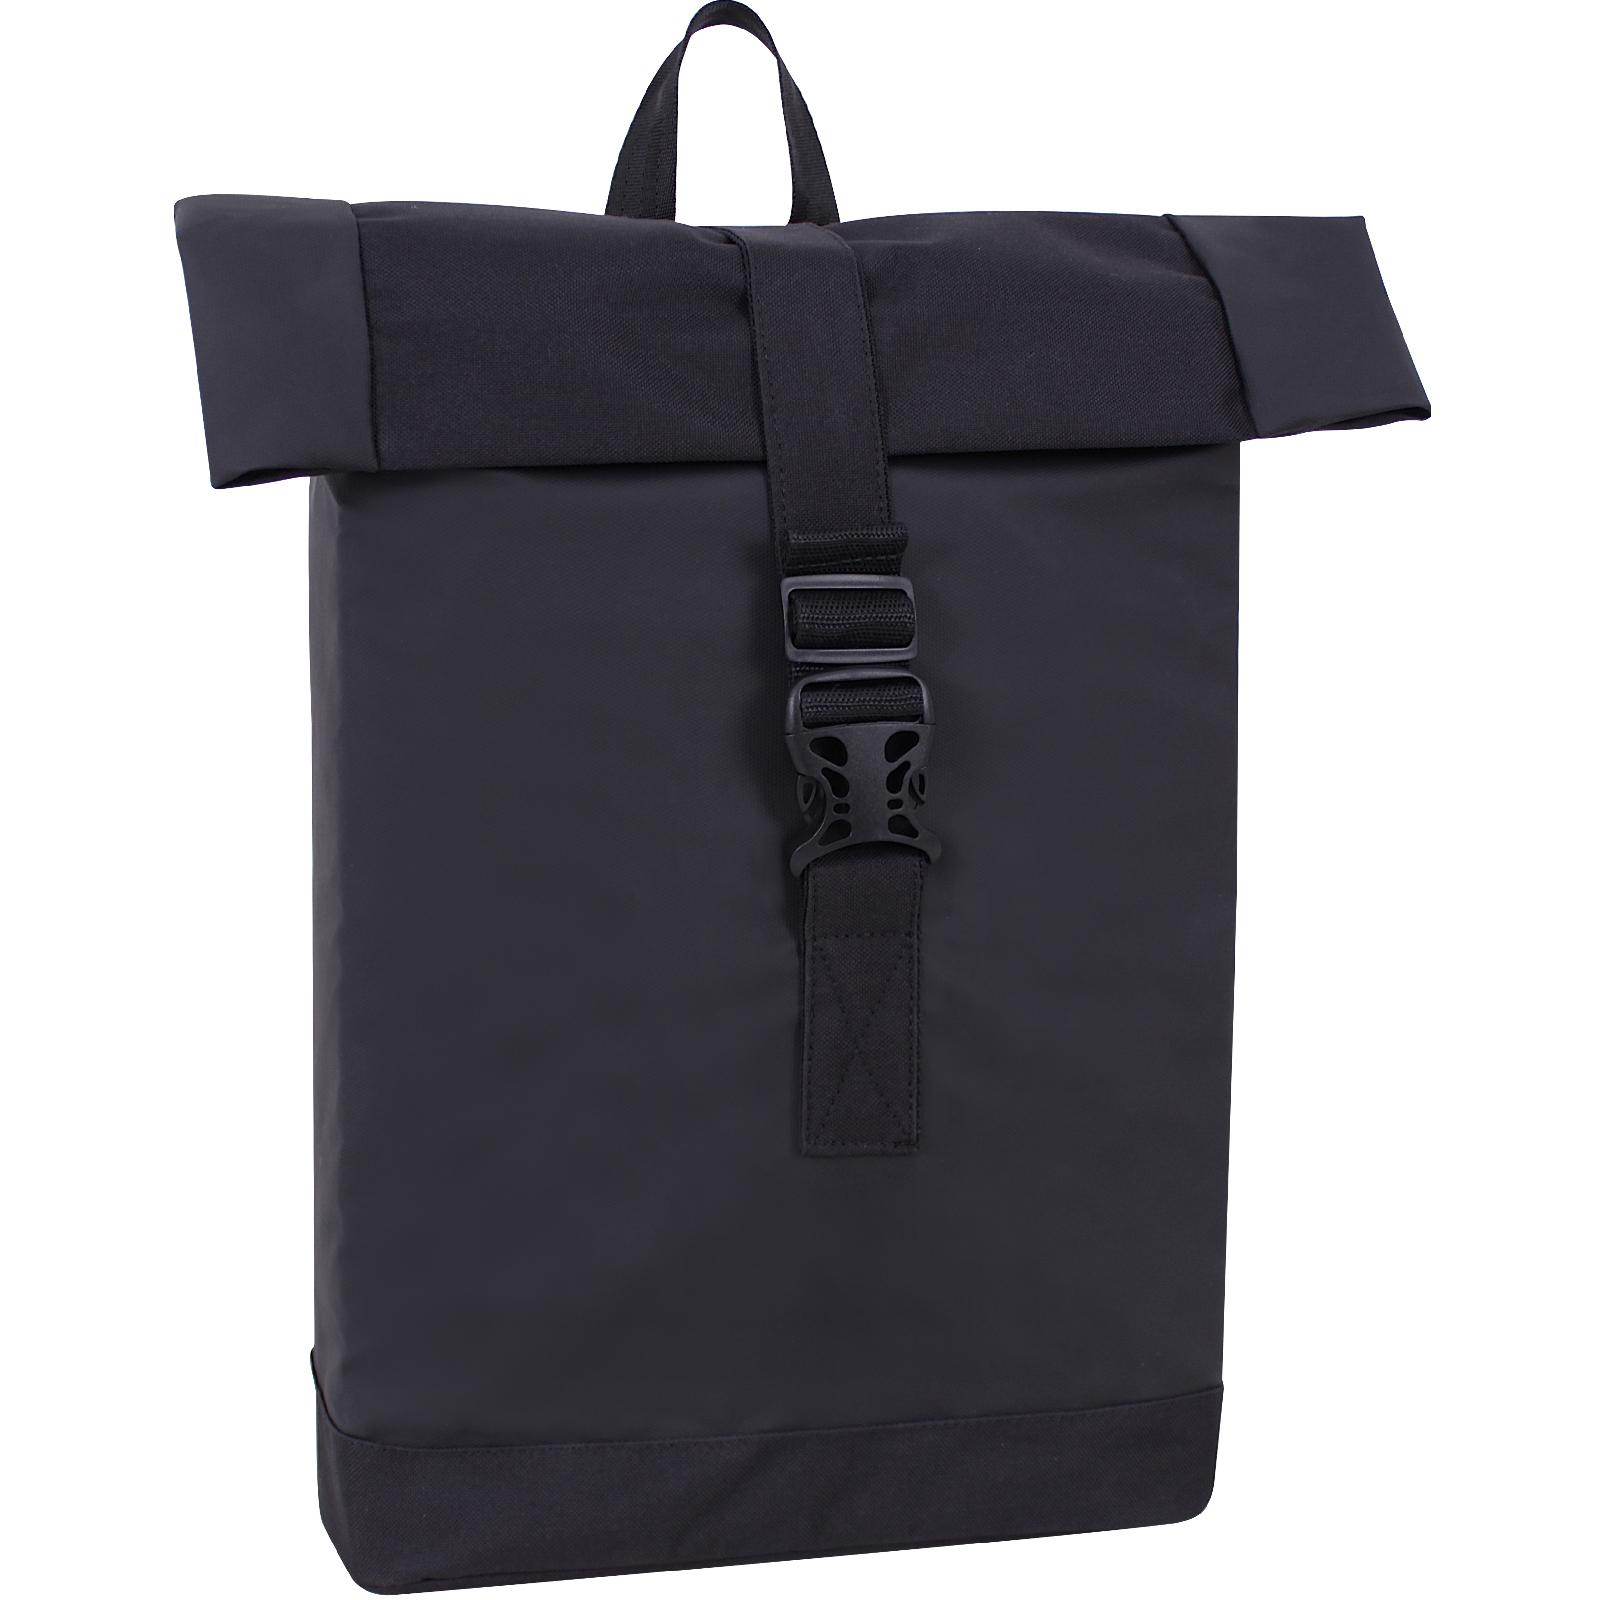 Городские рюкзаки Рюкзак Bagland Florence 23 л. черный/кожзам (0057191) IMG_9574.jpg